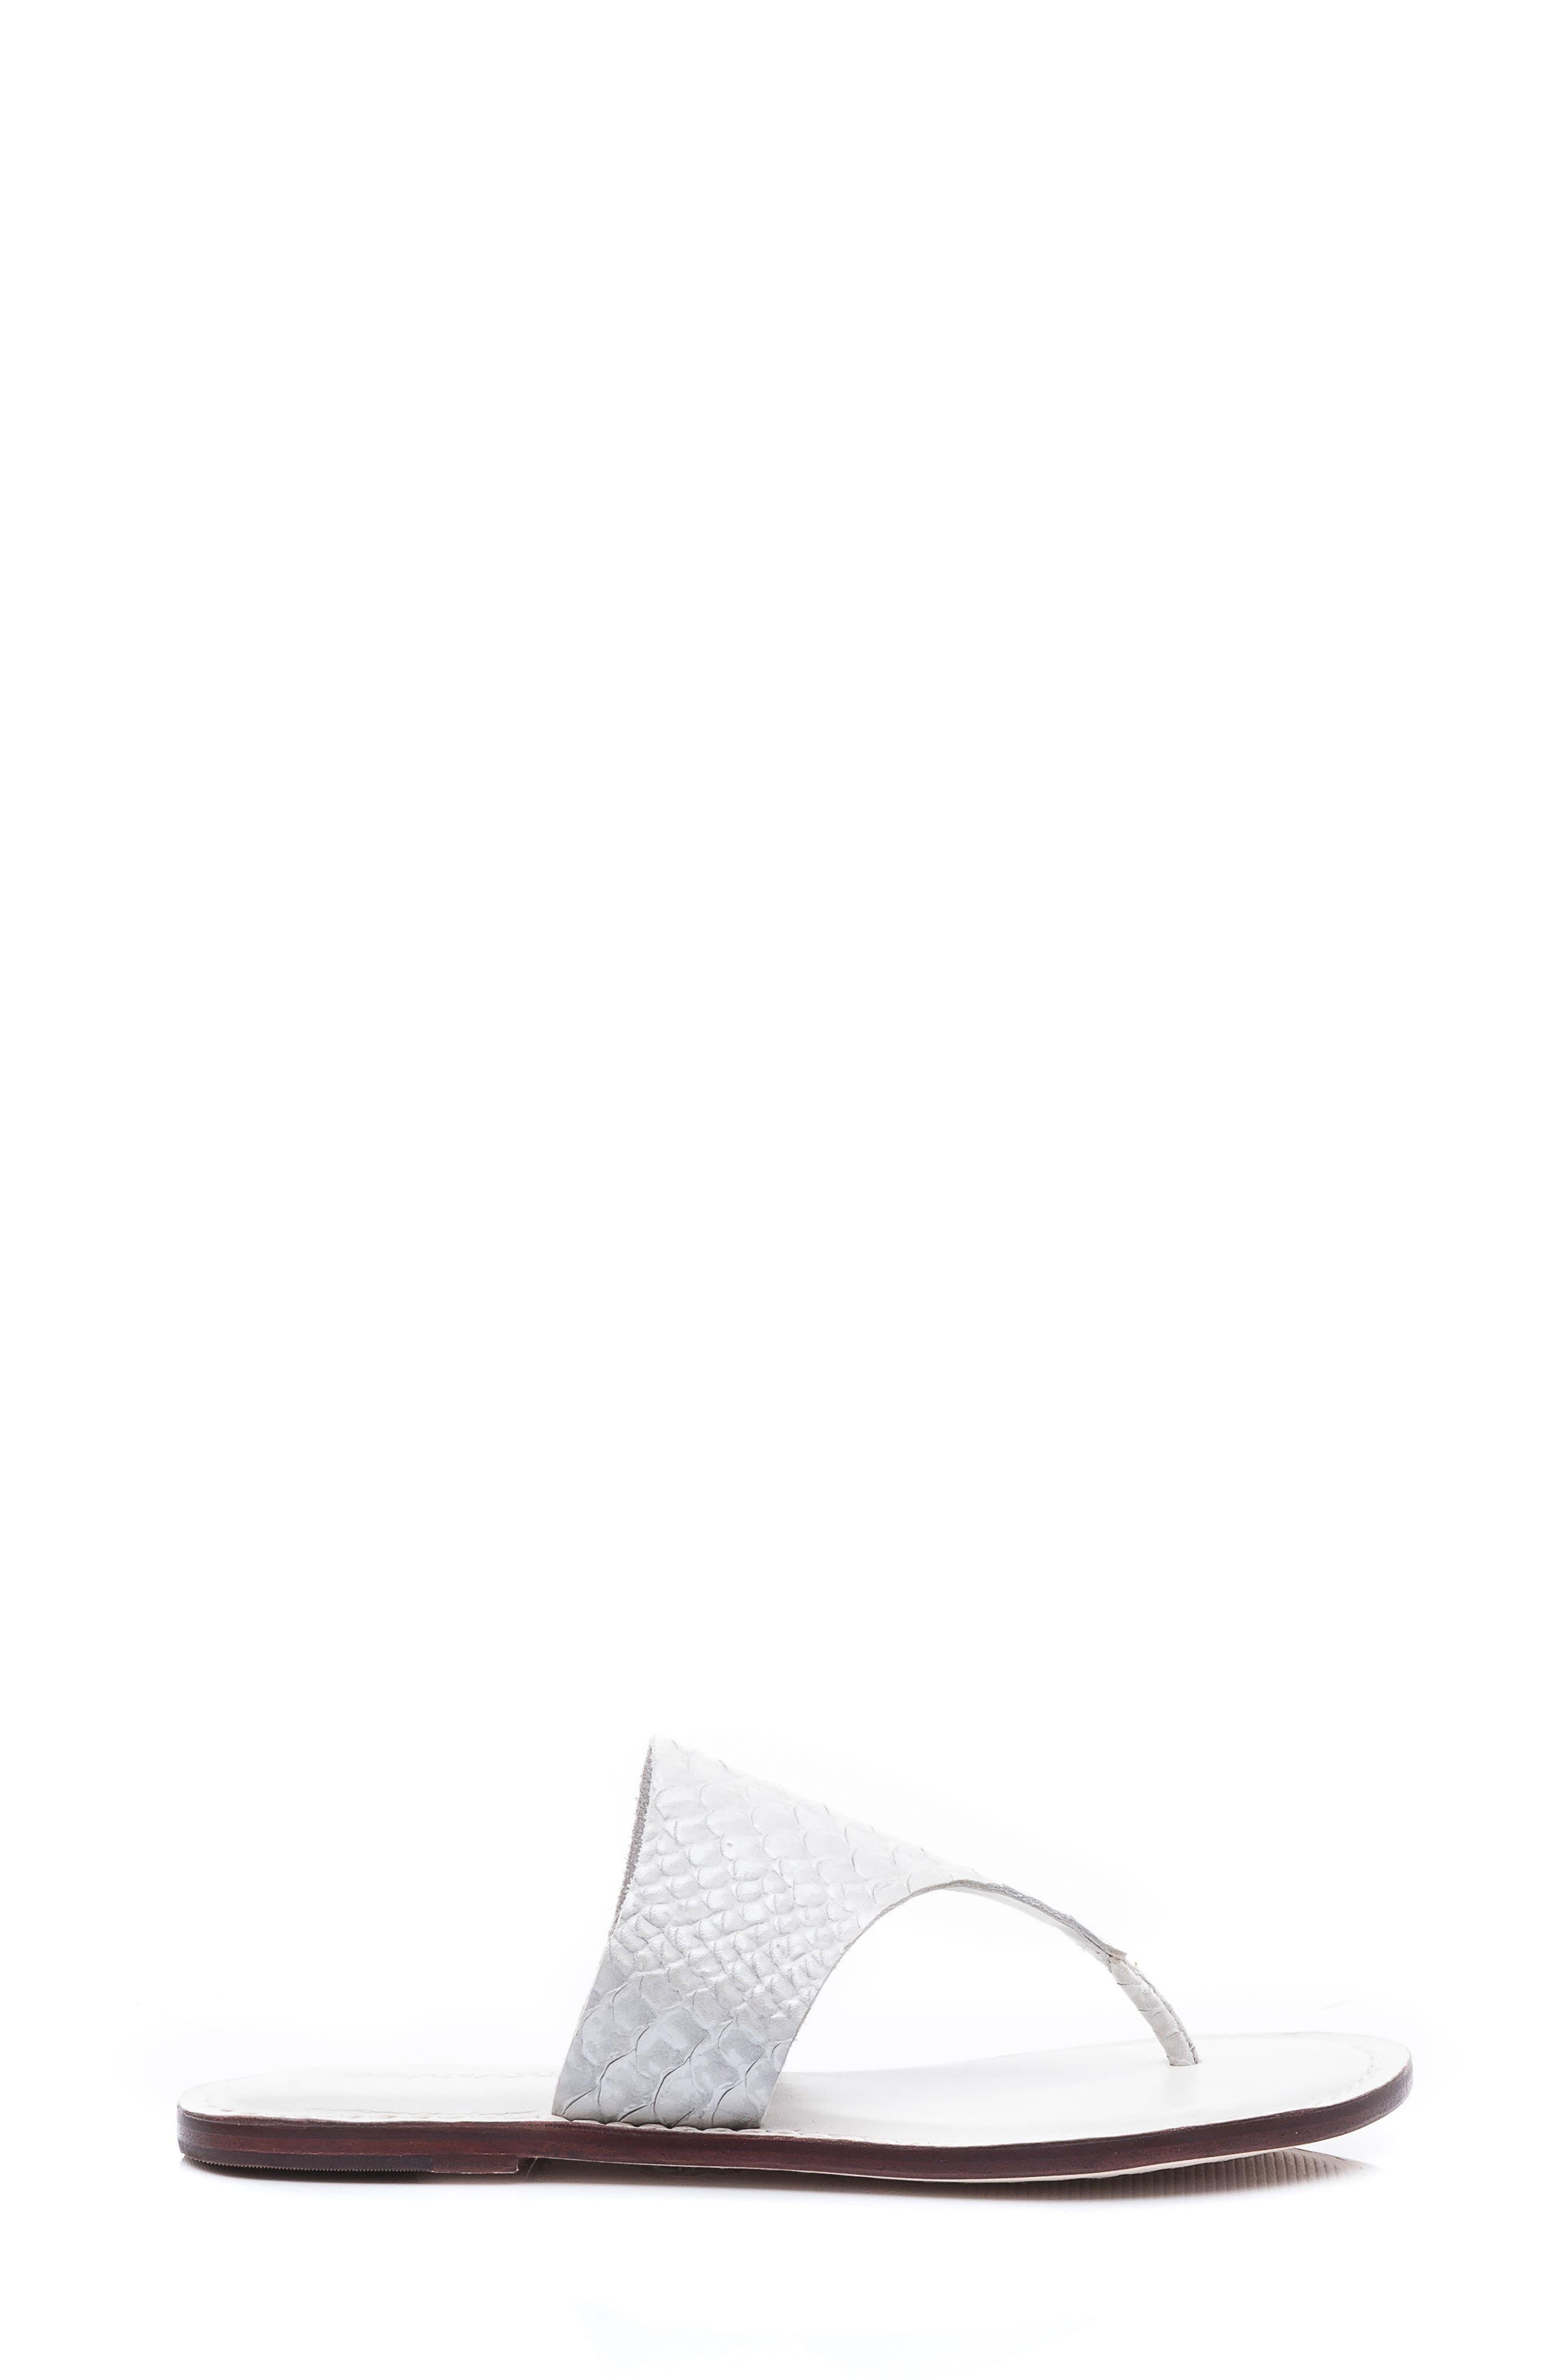 Bernardo Monica Thong Sandal,                             Alternate thumbnail 3, color,                             White Snake Print Leather